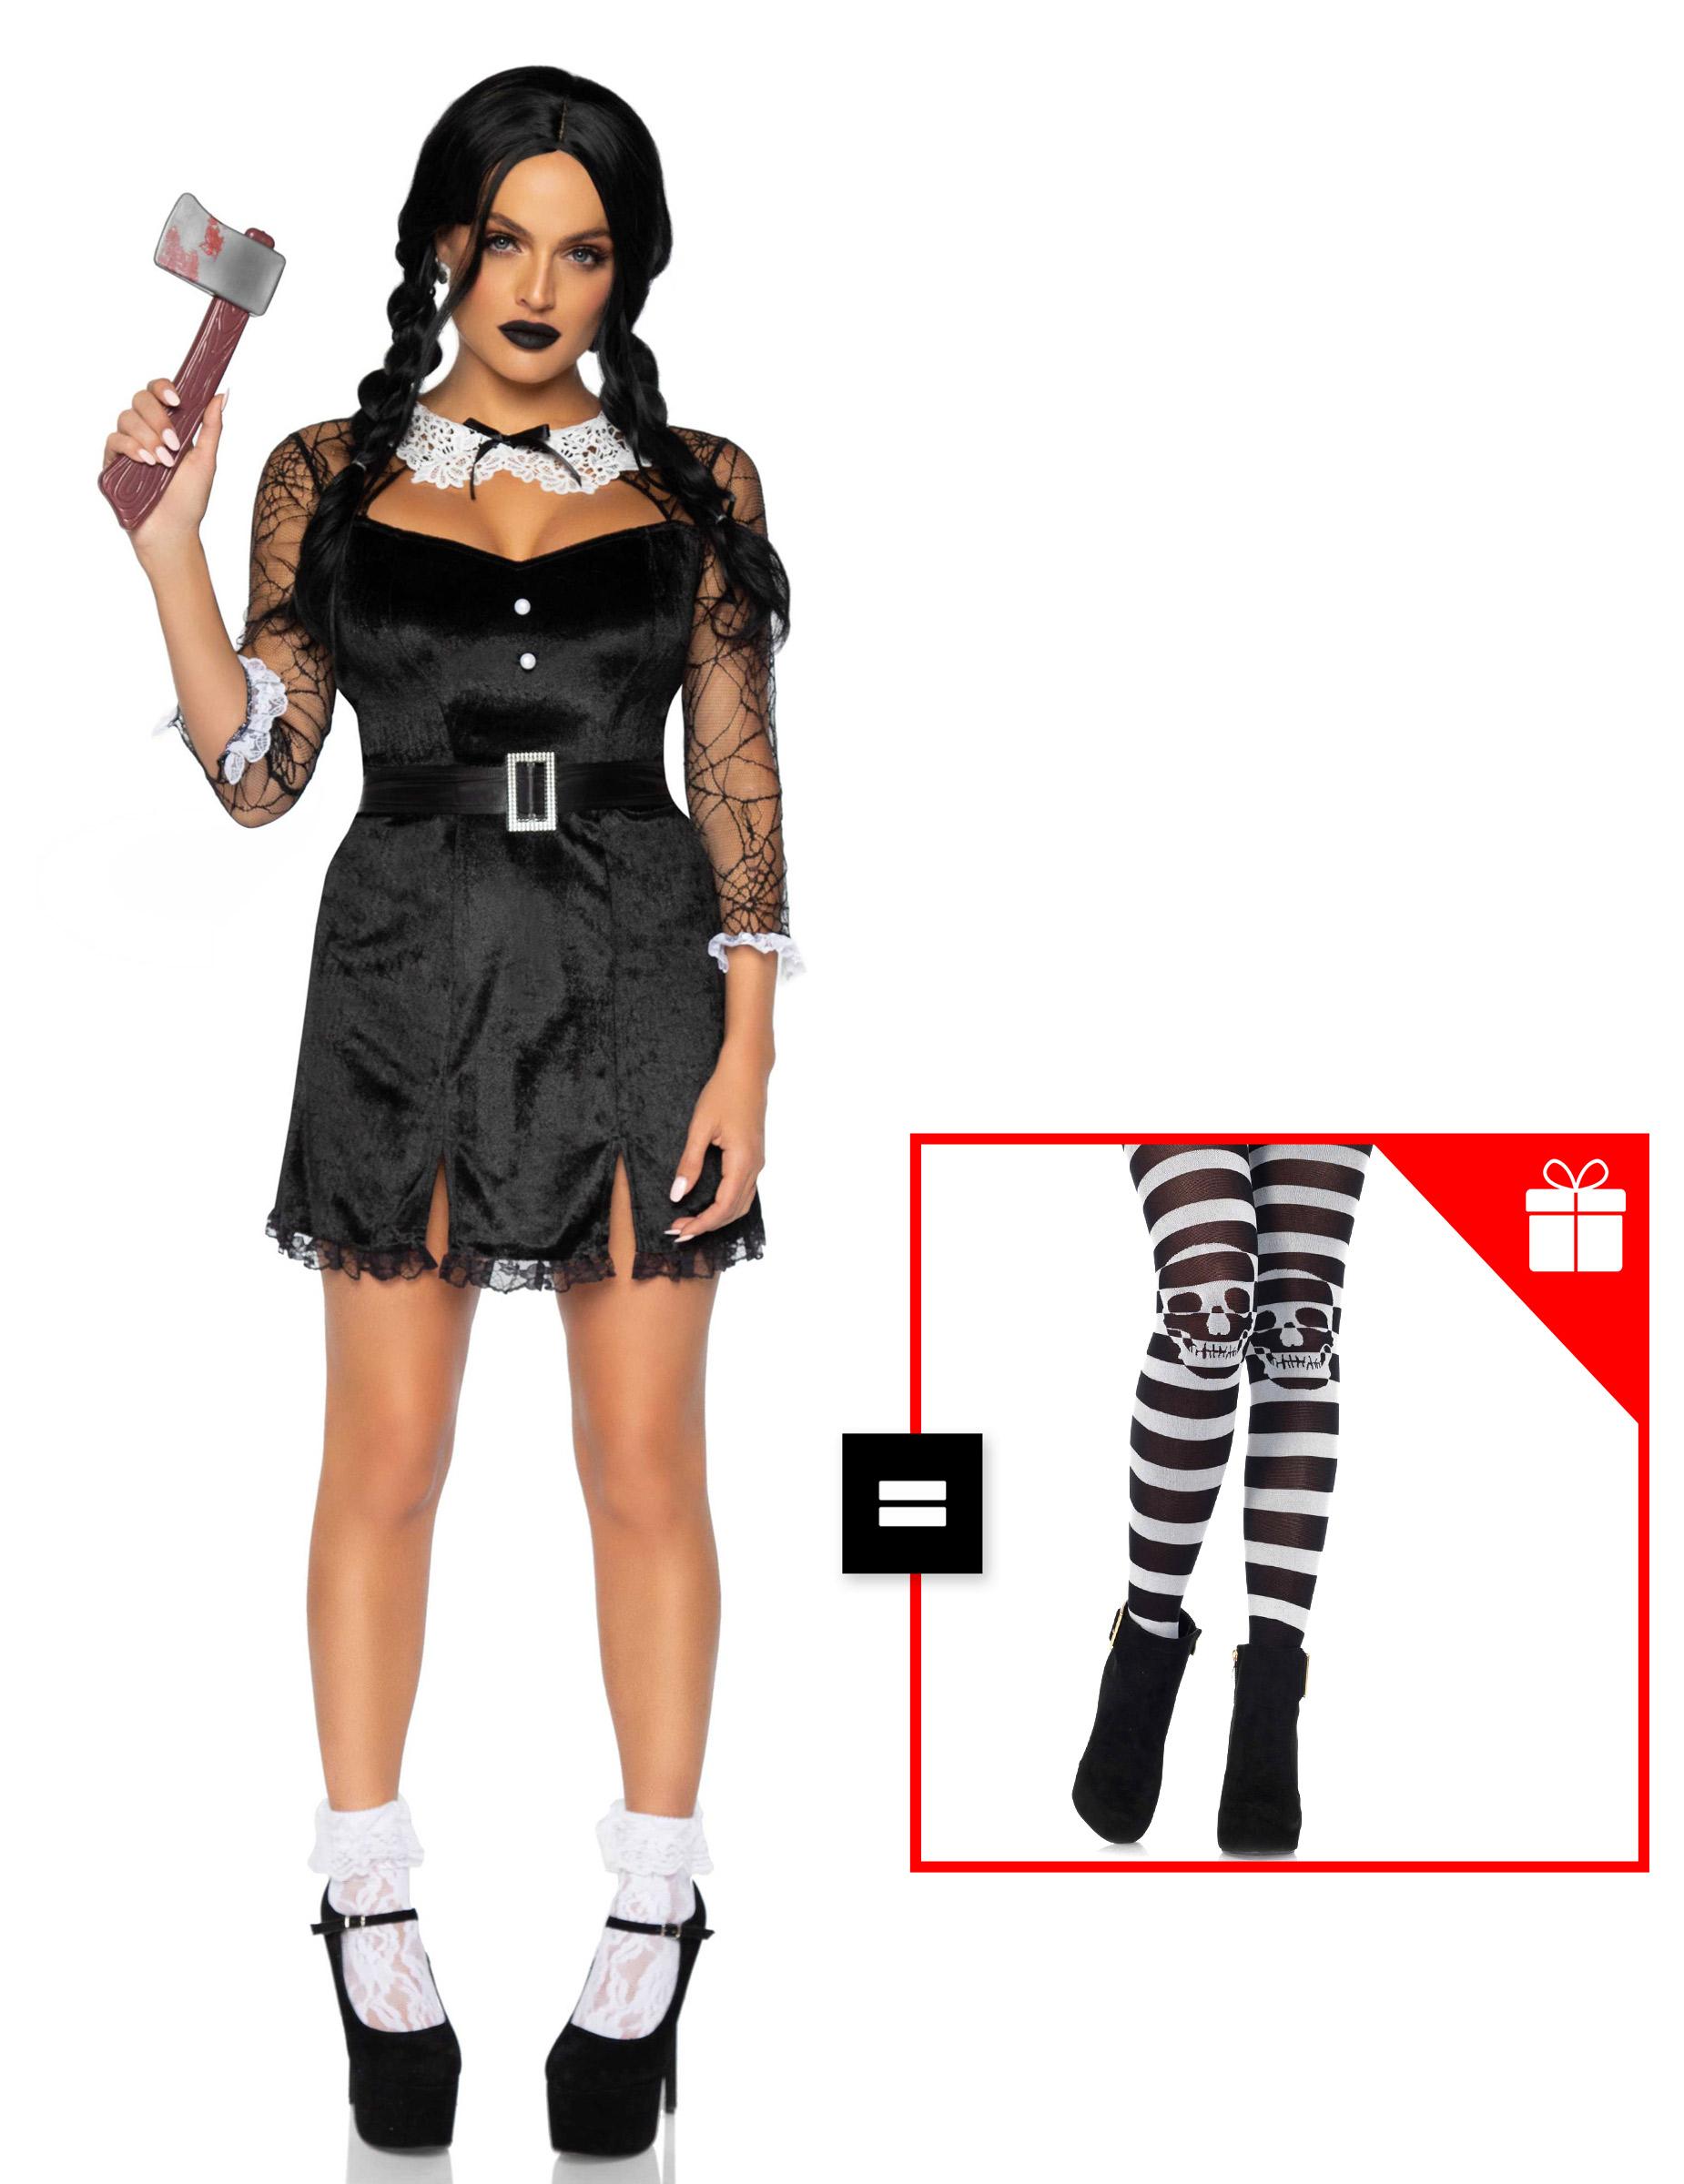 Mörderisches Schulmädchen-Kostüm für Halloween schwarz